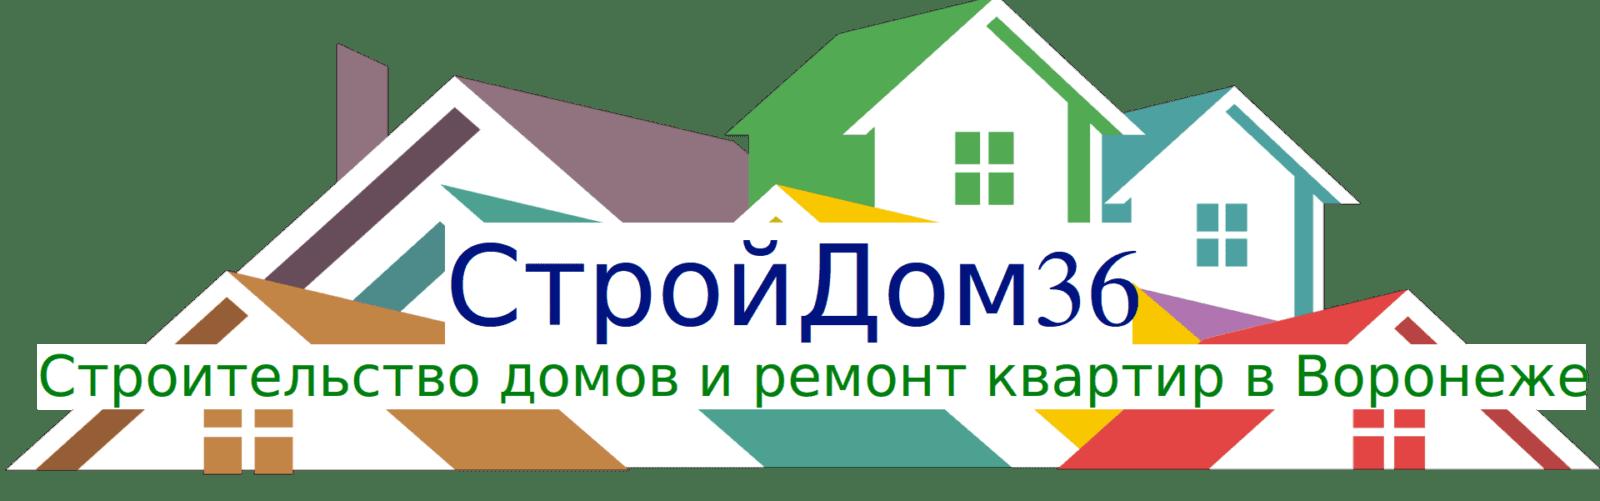 СтройДом36